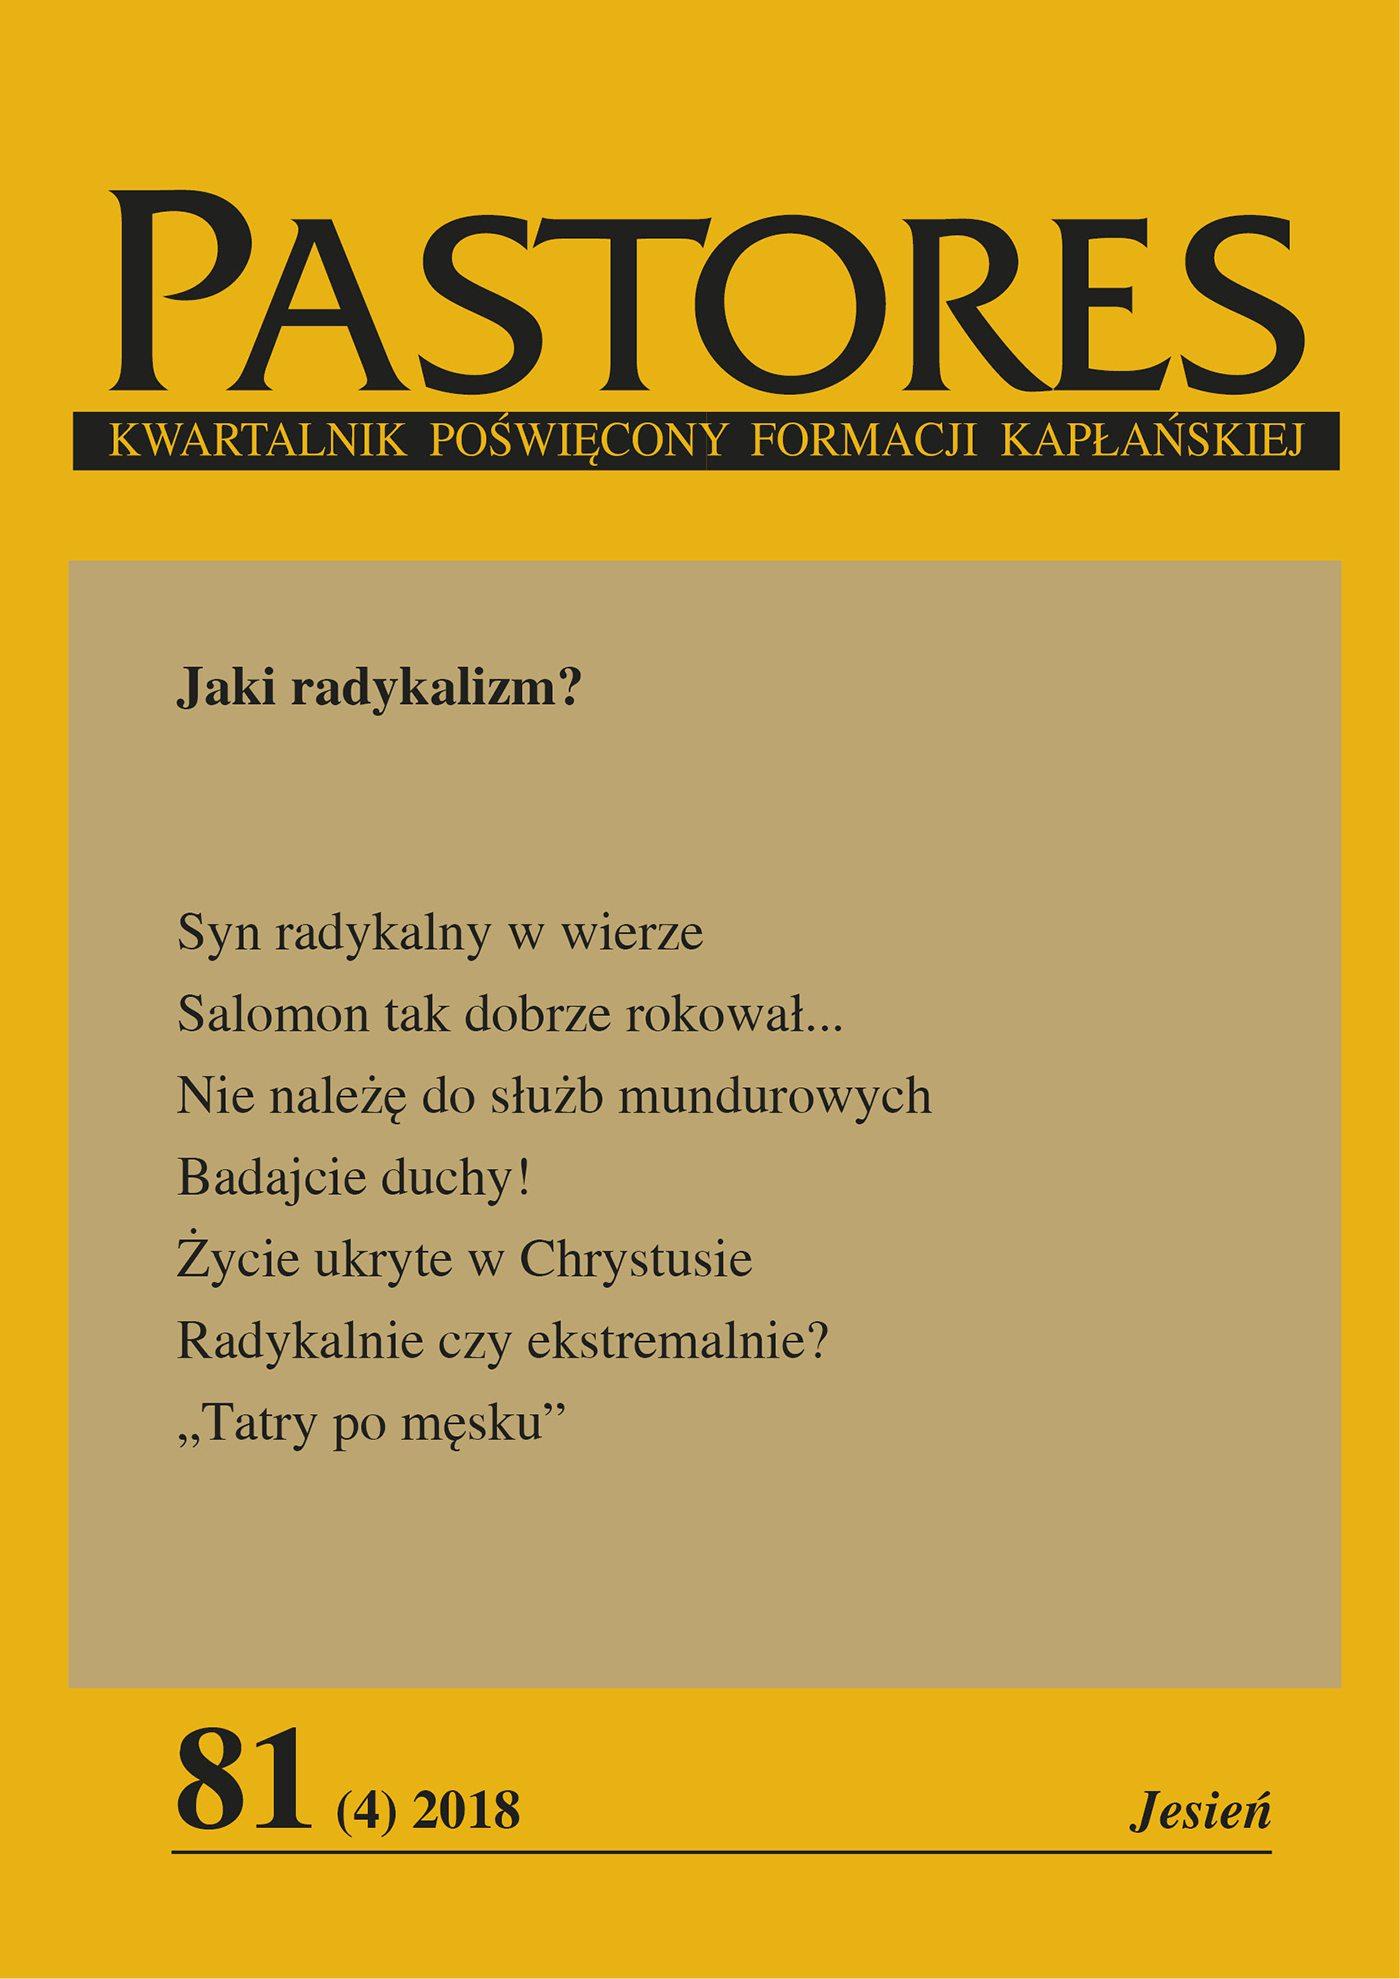 Pastores 81 (4) 2018 - Ebook (Książka EPUB) do pobrania w formacie EPUB